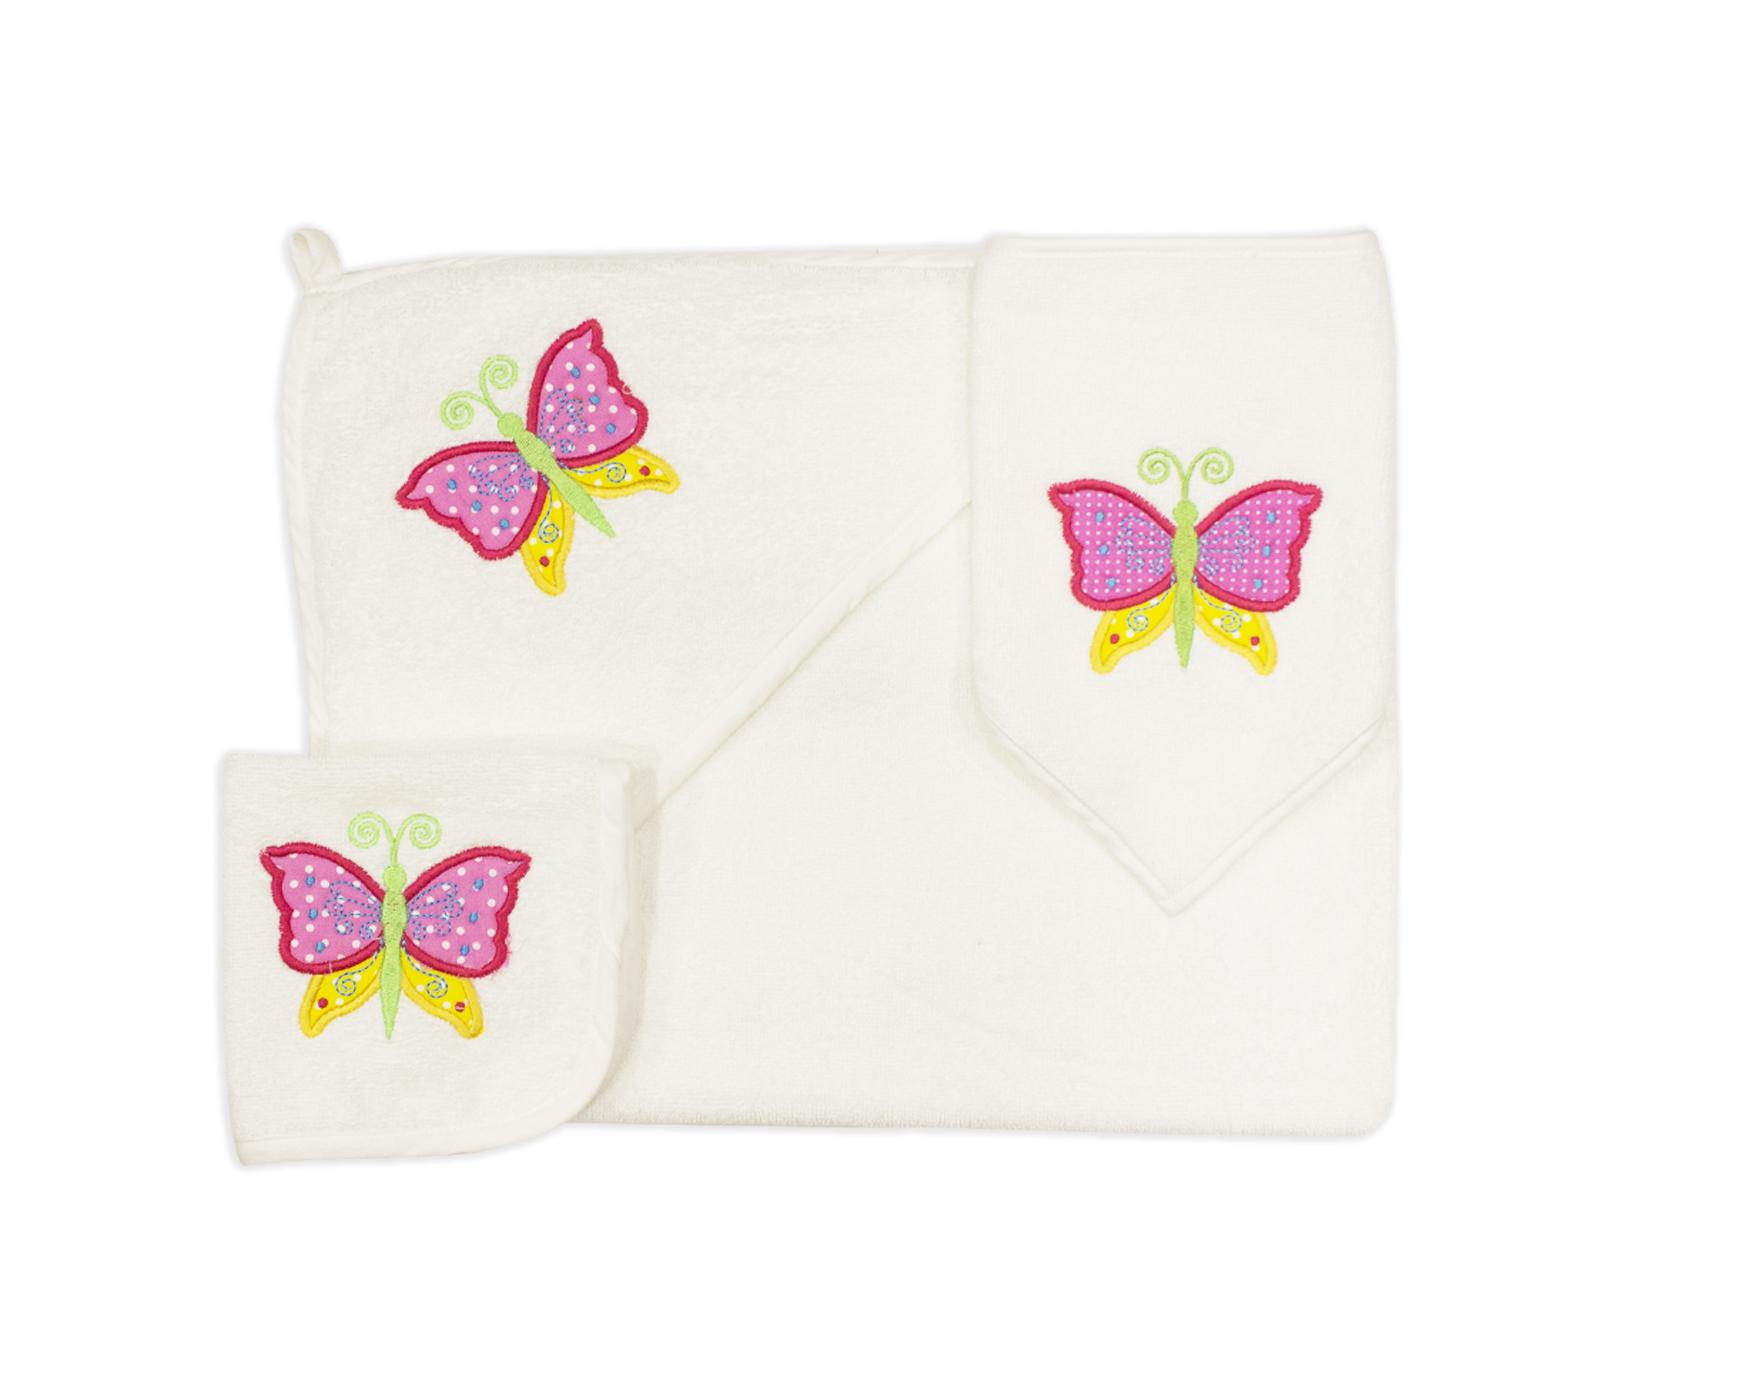 Butterfly_Set01.jpg